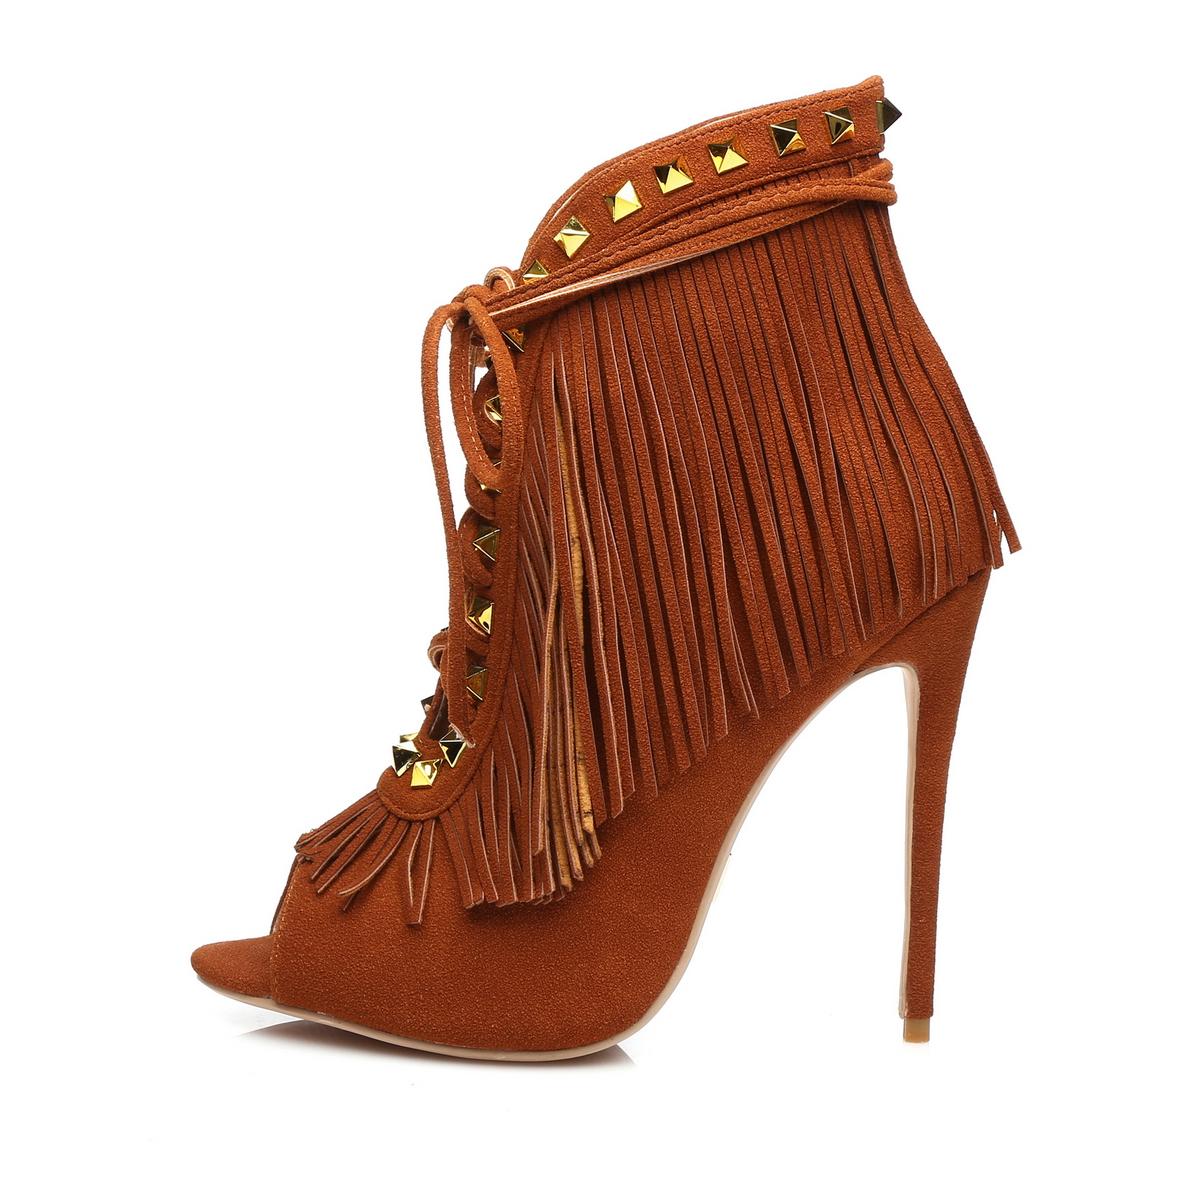 GIARO - Damen High Heels - Braun Schuhe in Übergrößen – Bild 2